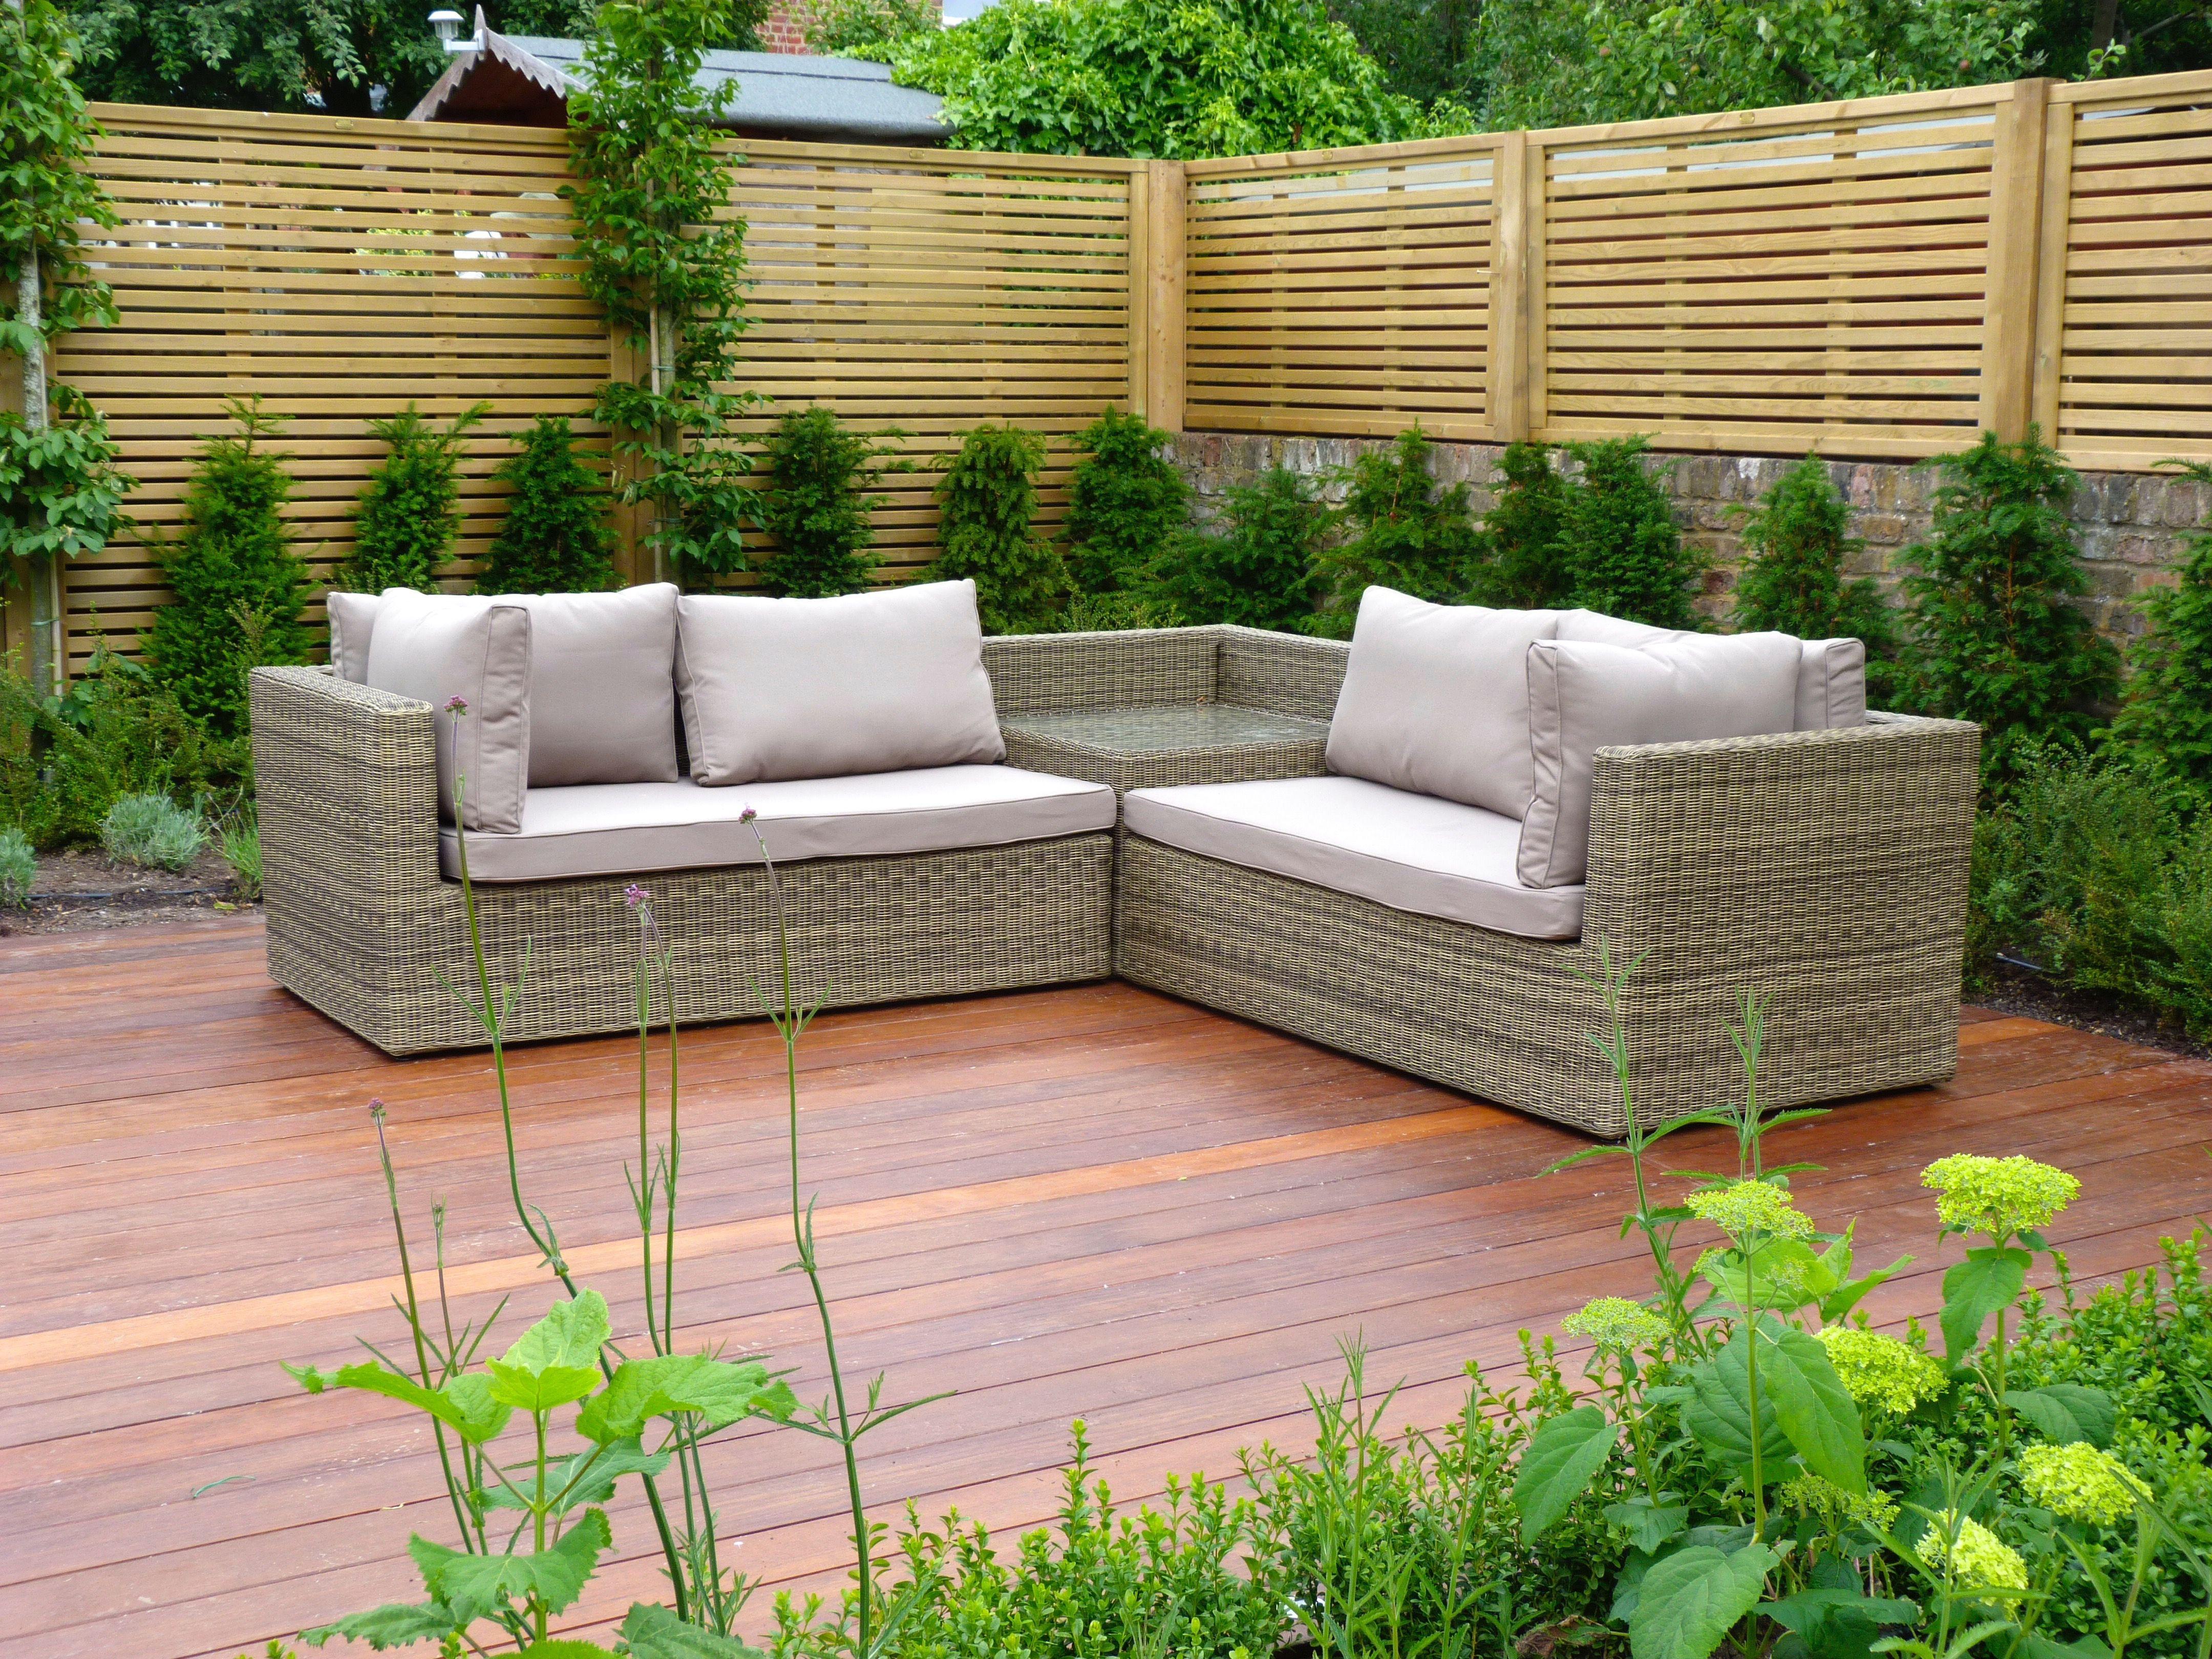 Garden sofas for a relaxing deck garden seating garden